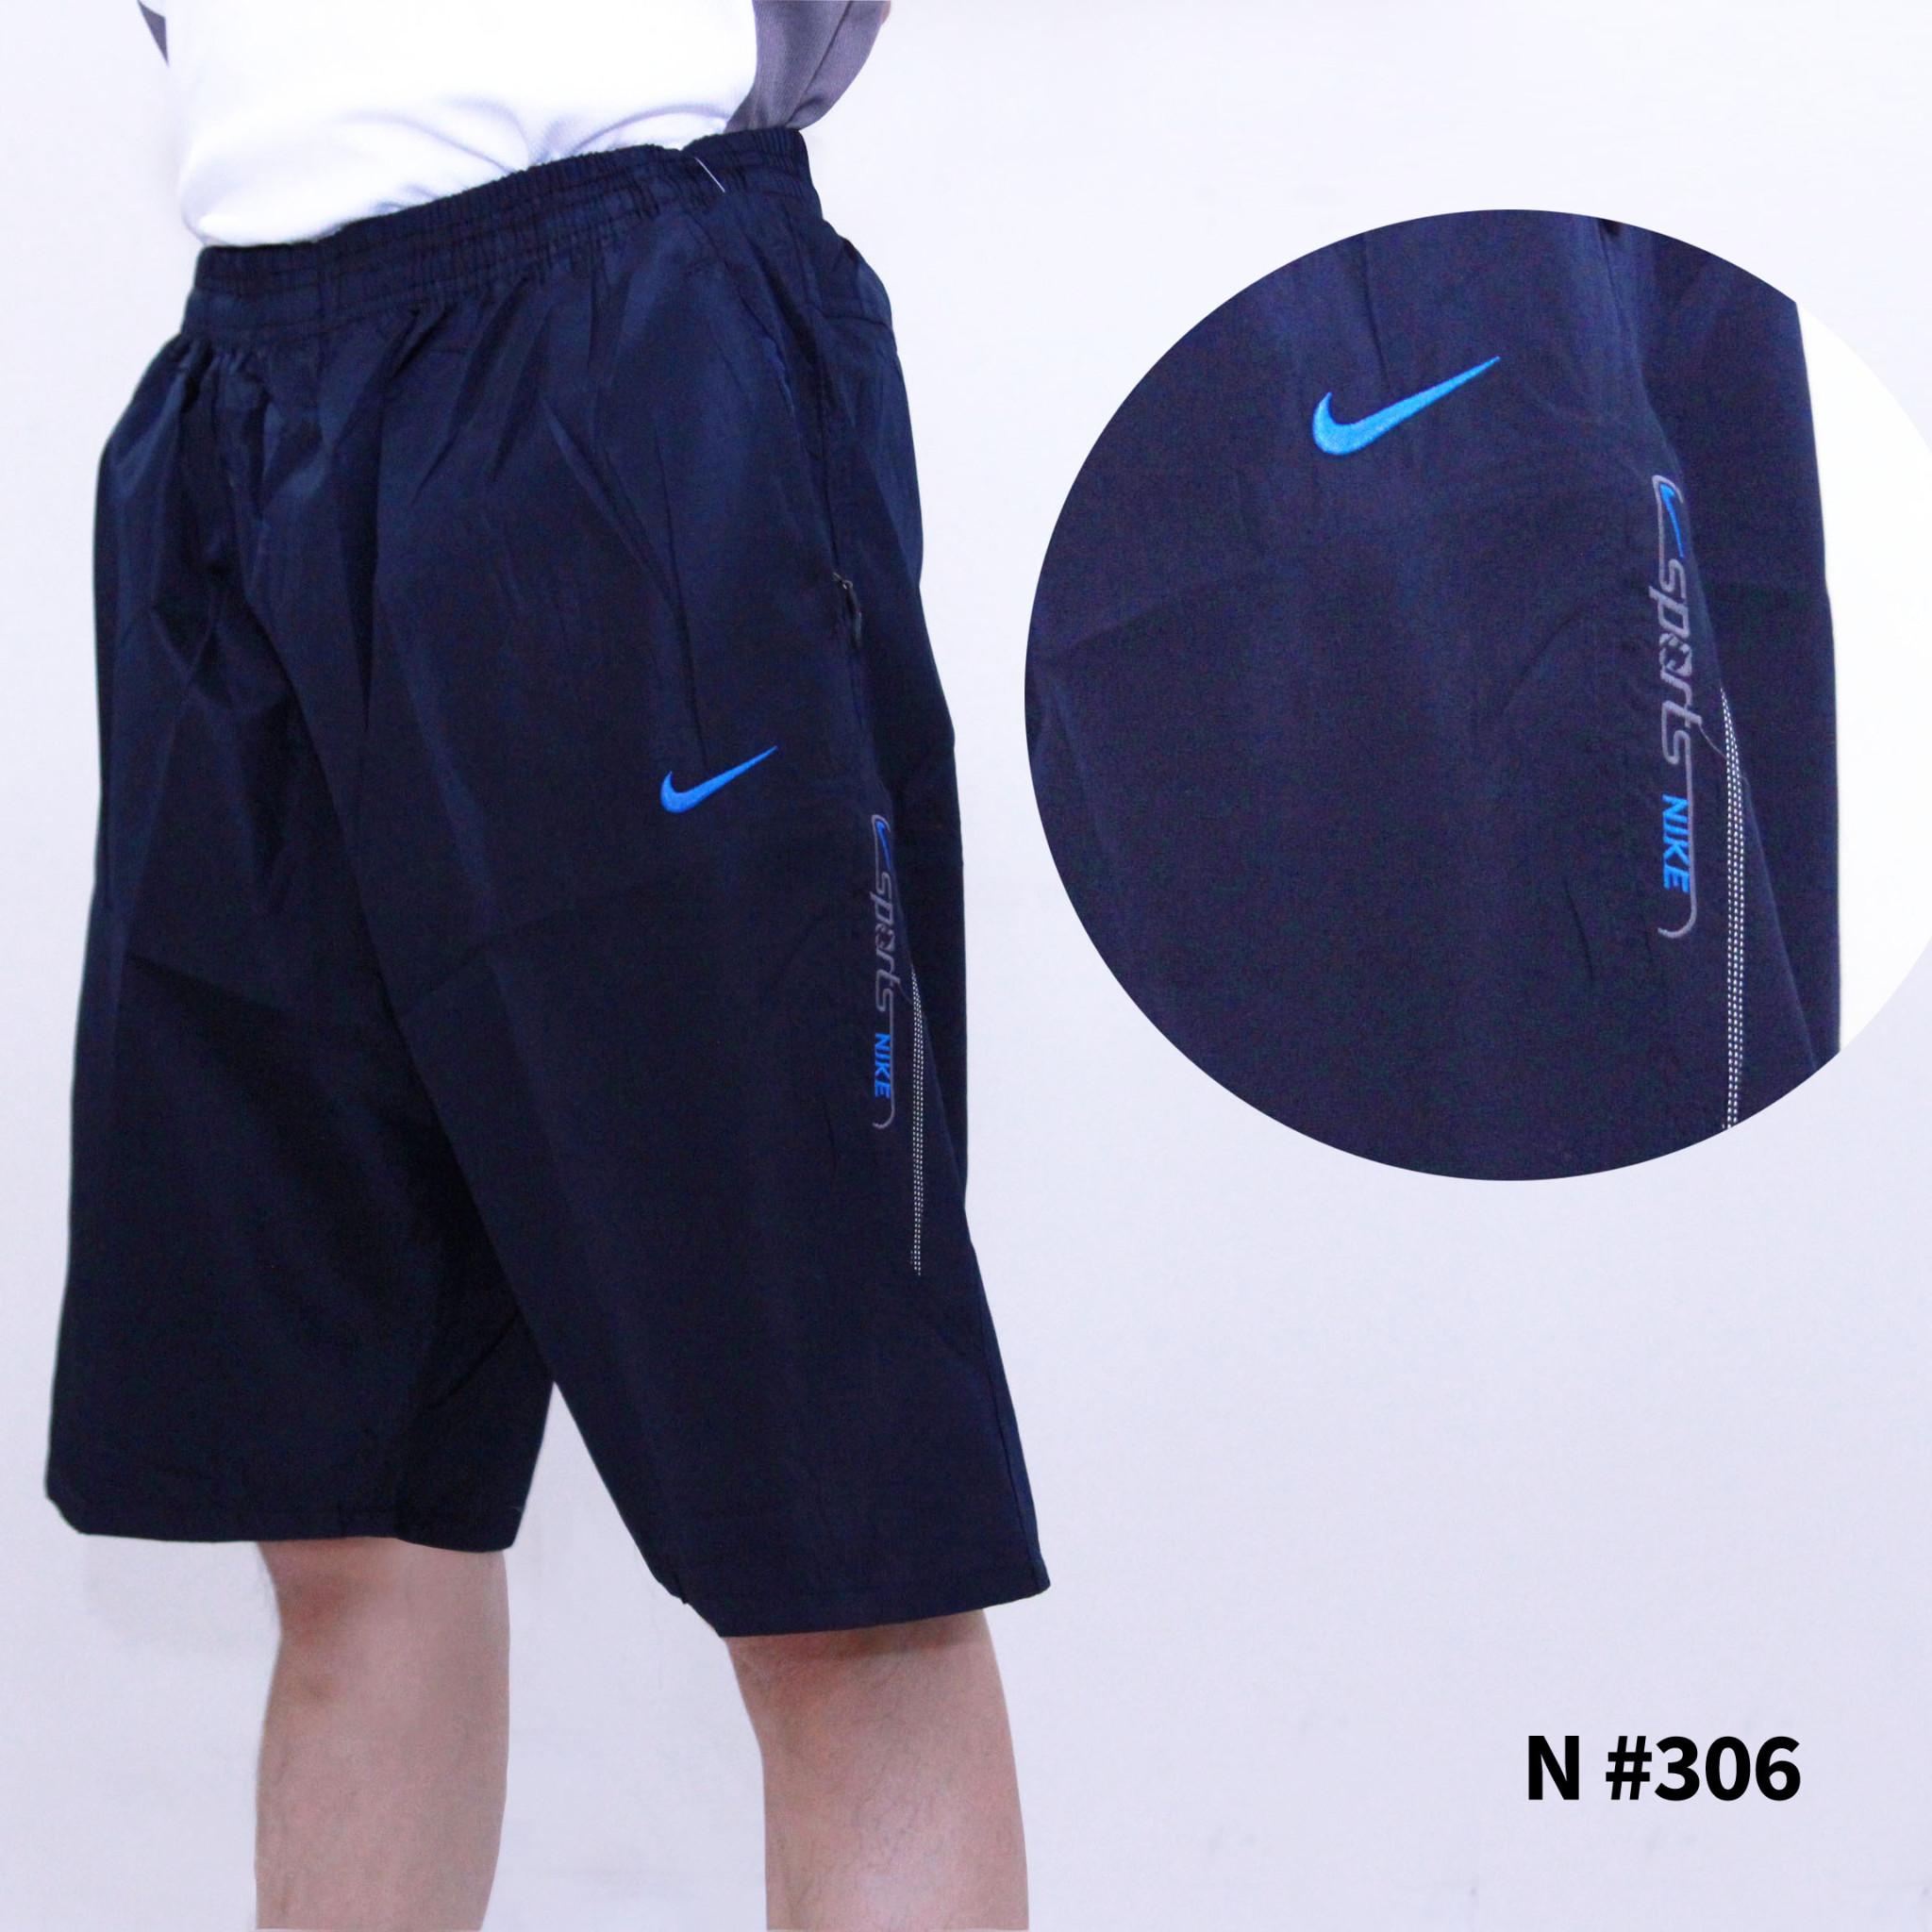 Jual Celana 3 4 Training Gym Nike 306